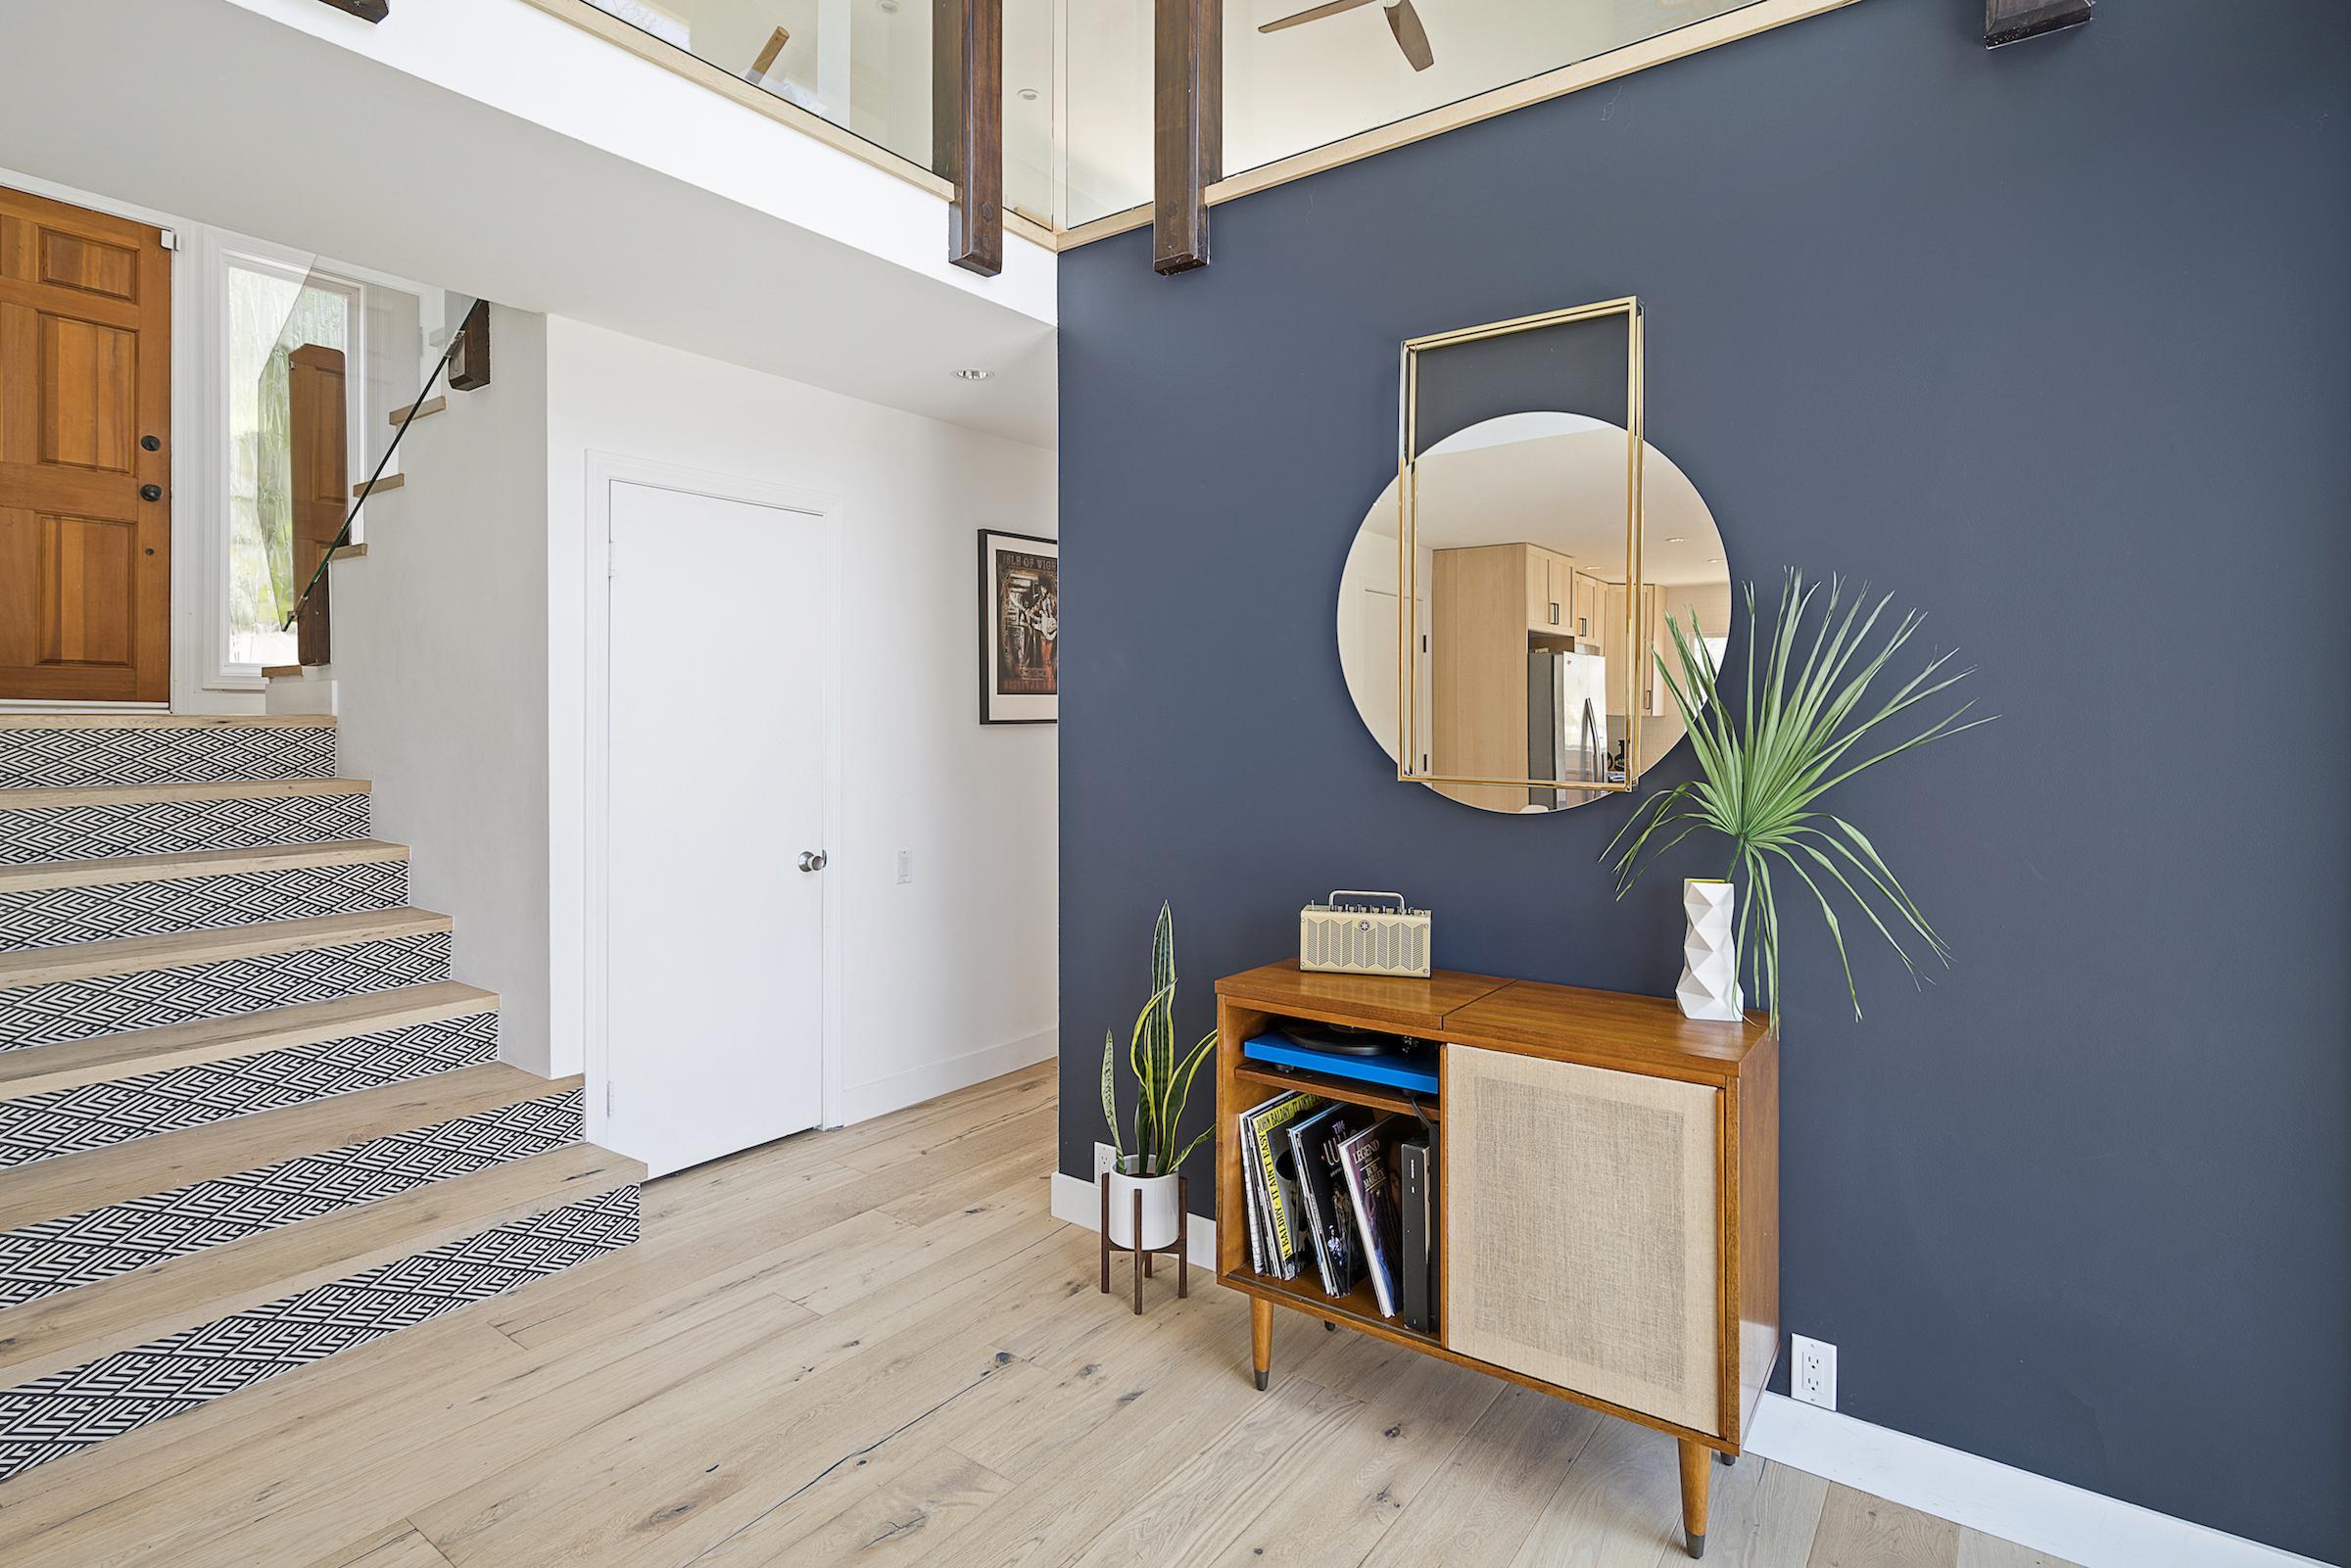 E-Design Interior Design services